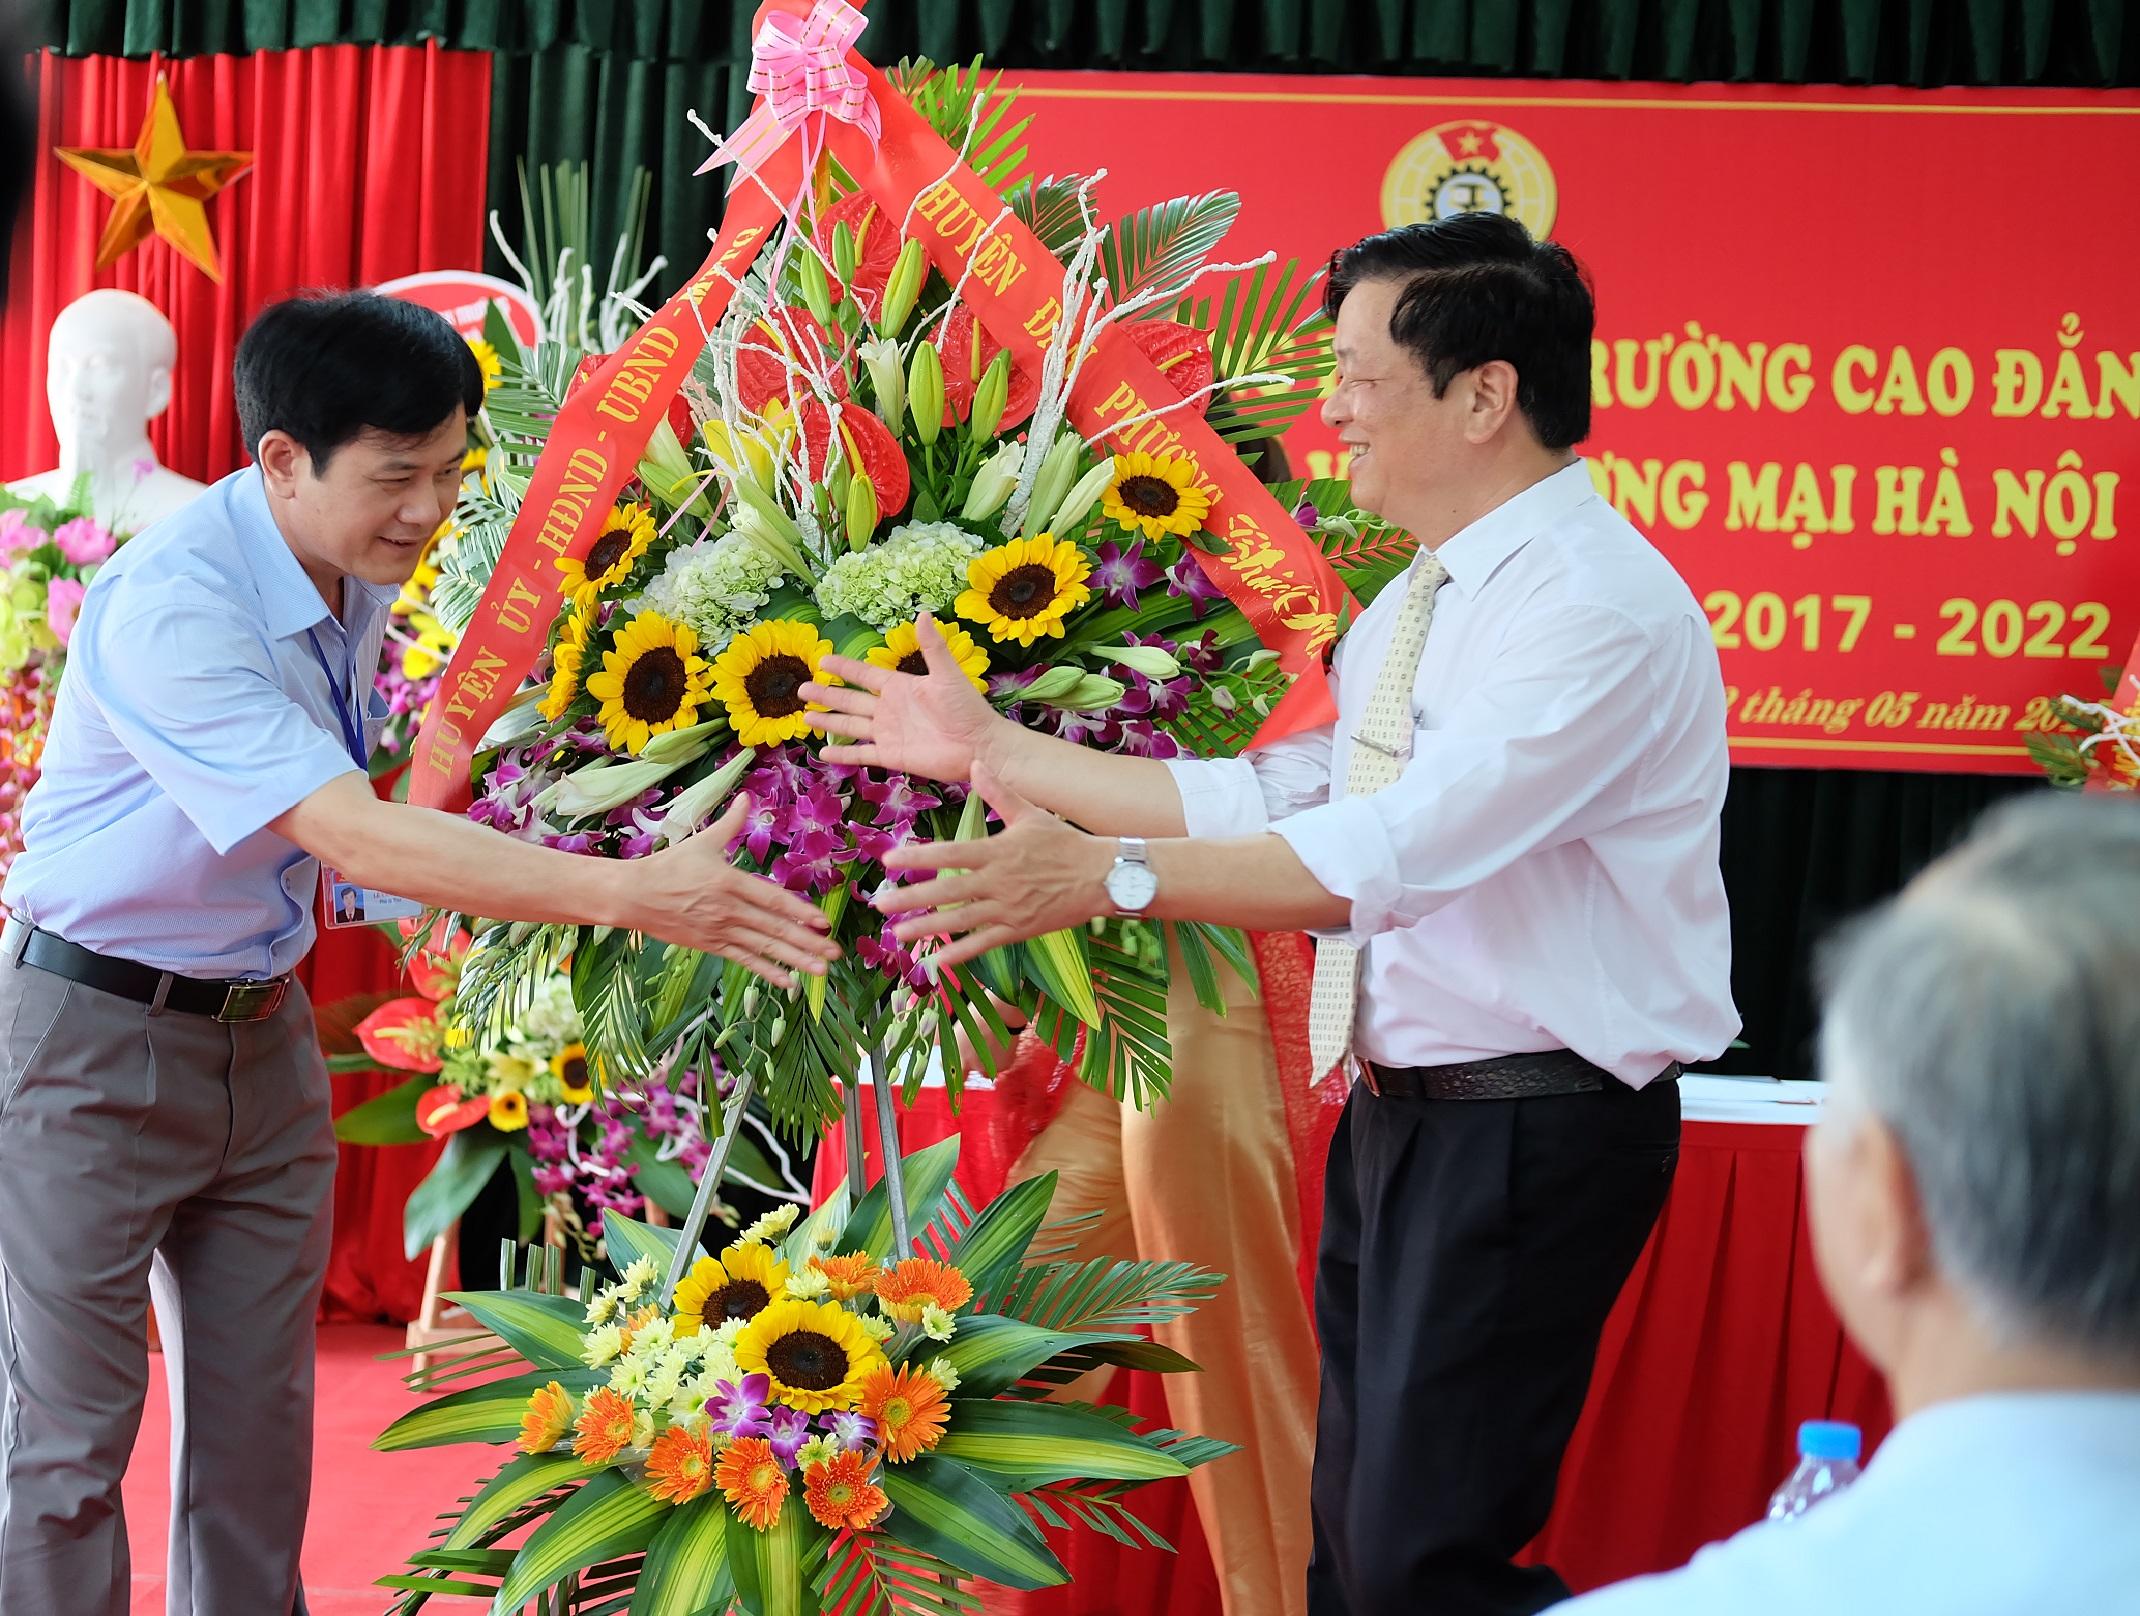 Đai diện Huyện ủy, UBND, MTTQ huyện Đan Phượng tặng hoa chúc mừng đại hội